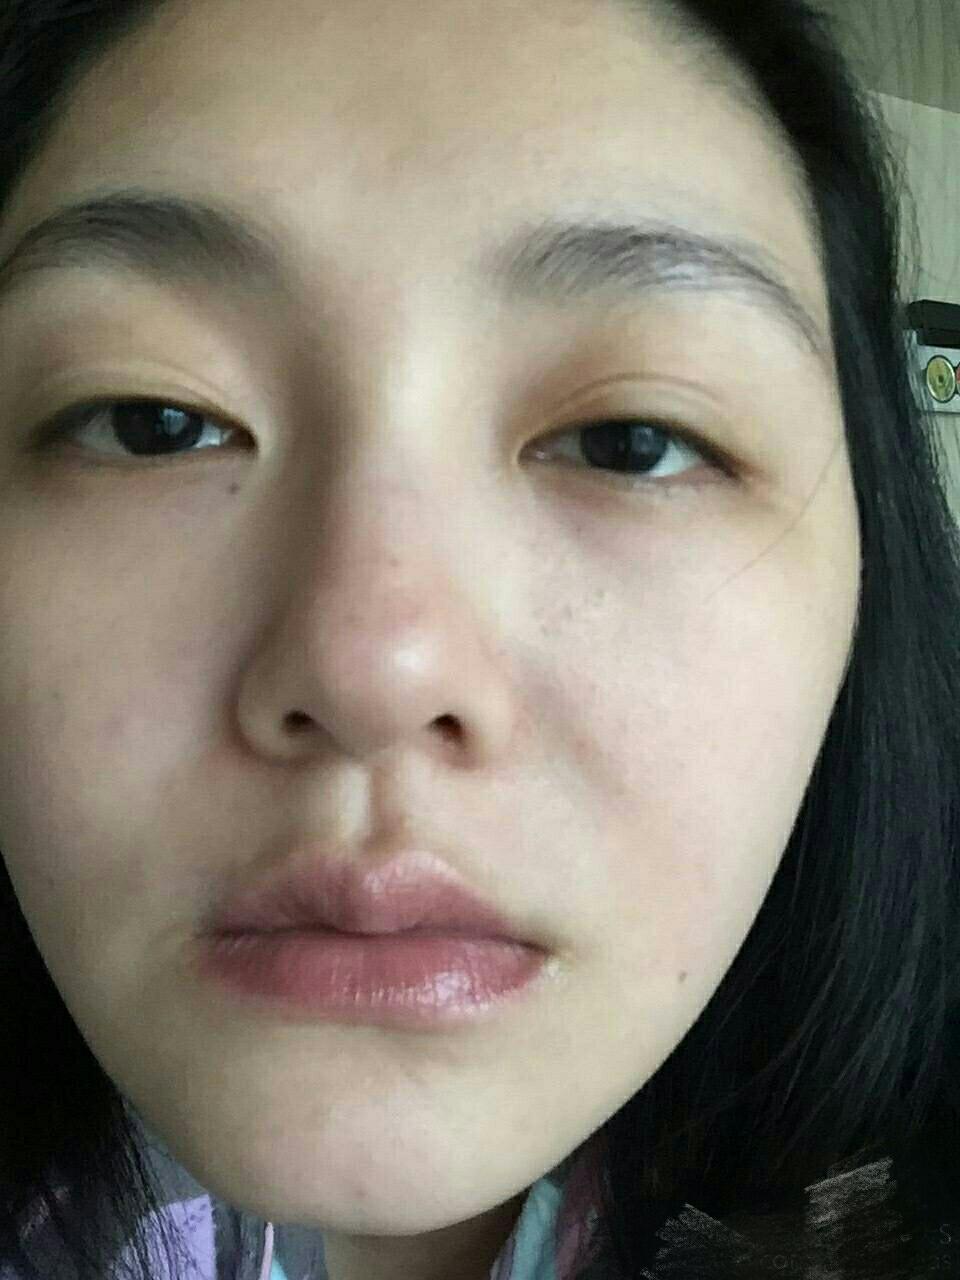 陈妍希大s当女神揭下面具开始素颜,你是否还喜欢